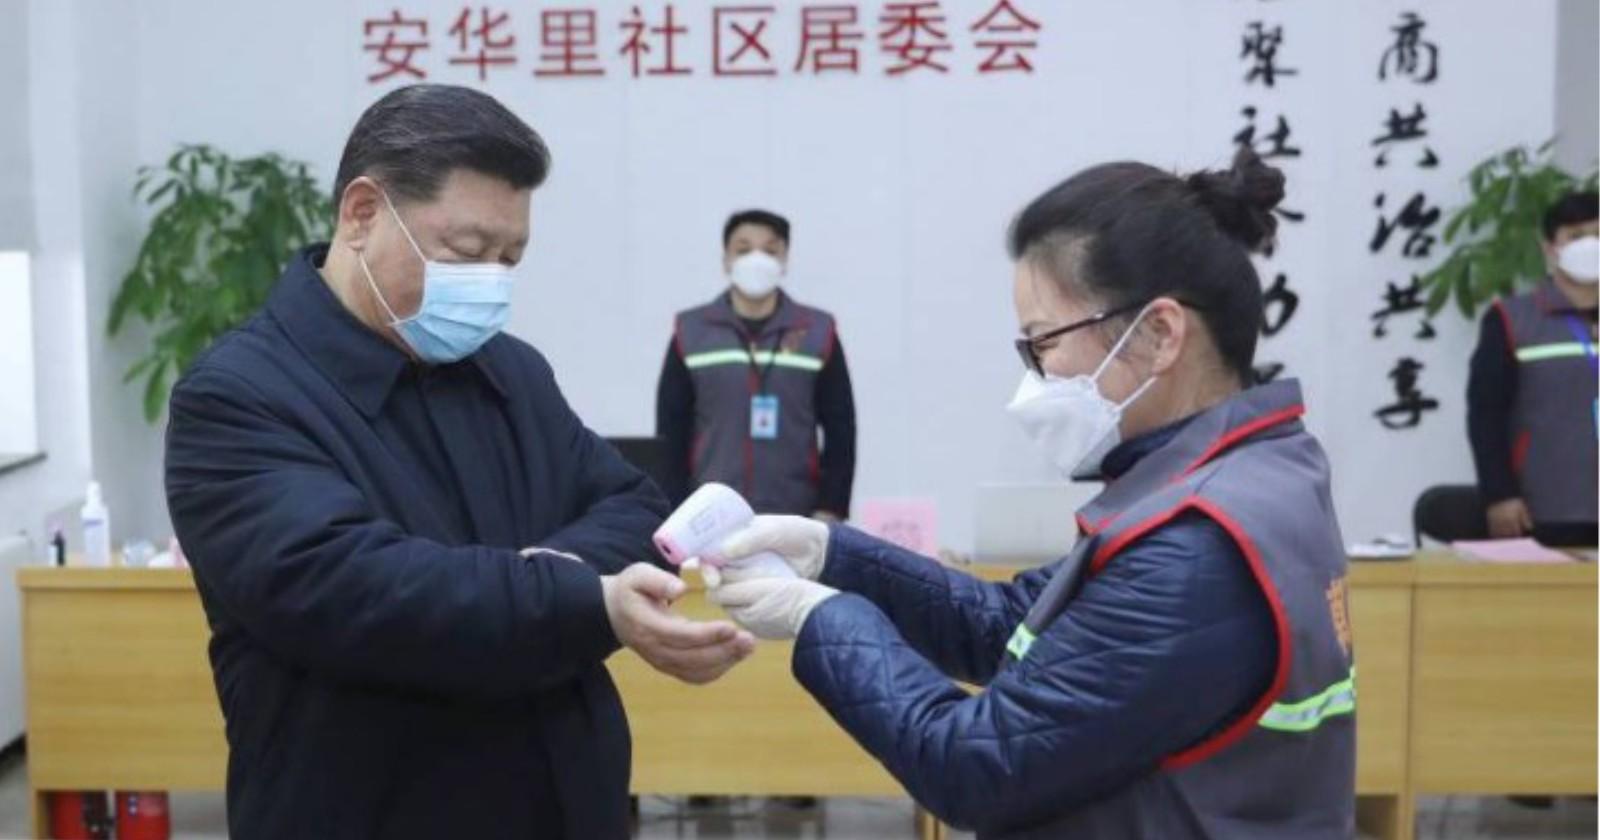 """""""Coronavirus: China levantará restricciones de desplazamiento en Wuhan tras dos meses de cuarentena"""""""